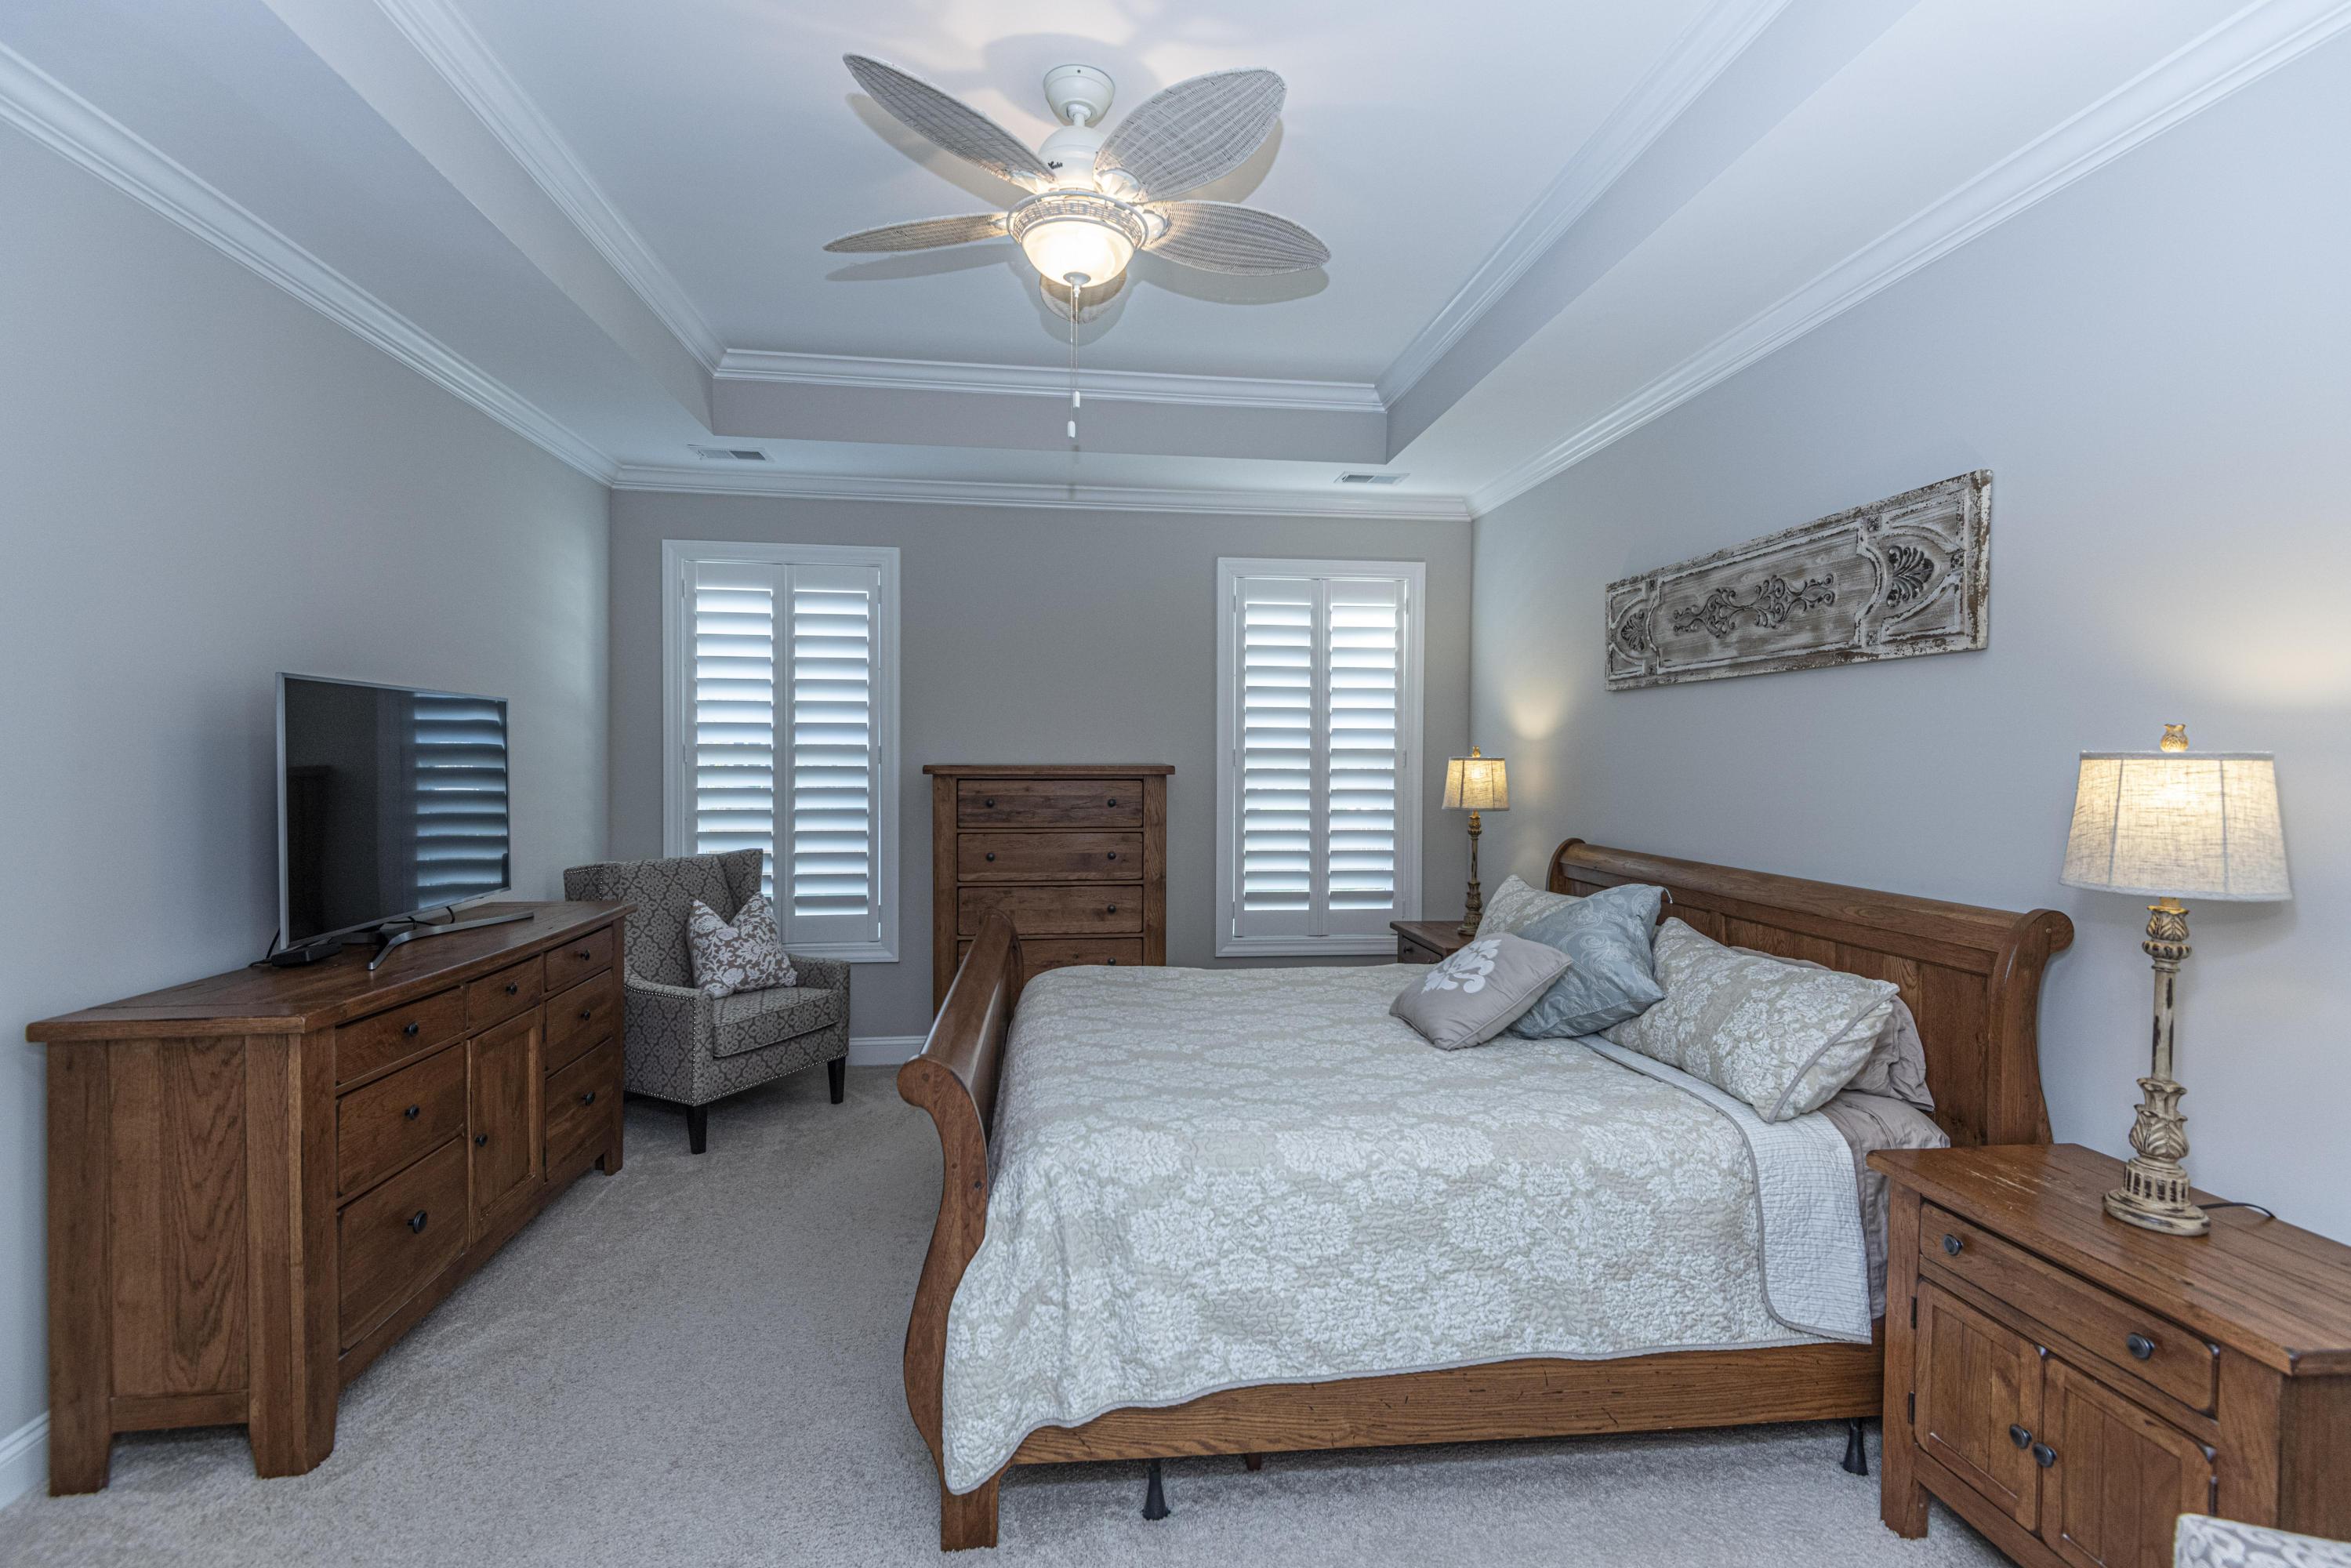 Park West Homes For Sale - 2667 Park West, Mount Pleasant, SC - 6